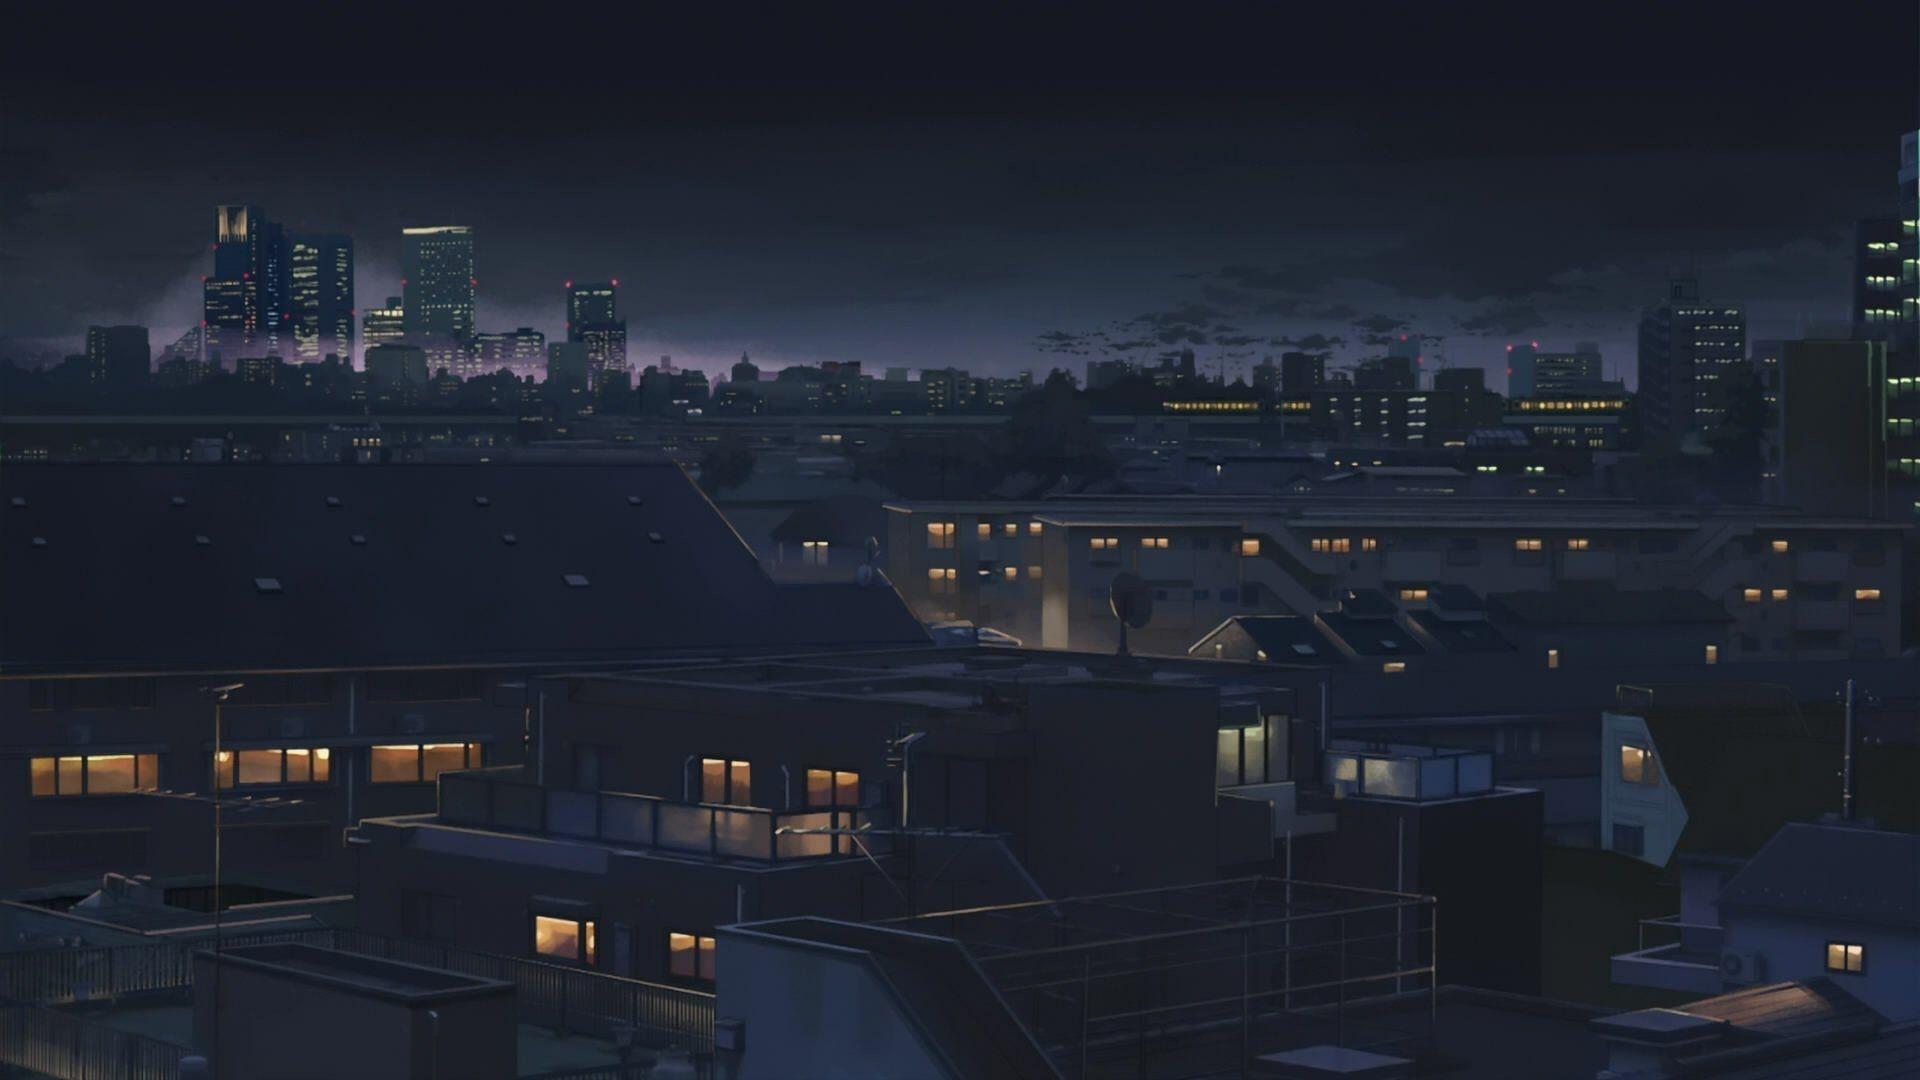 1920x1080 Elegant Aesthetic Anime Wallpaper for Pc Anime WP 1920x1080